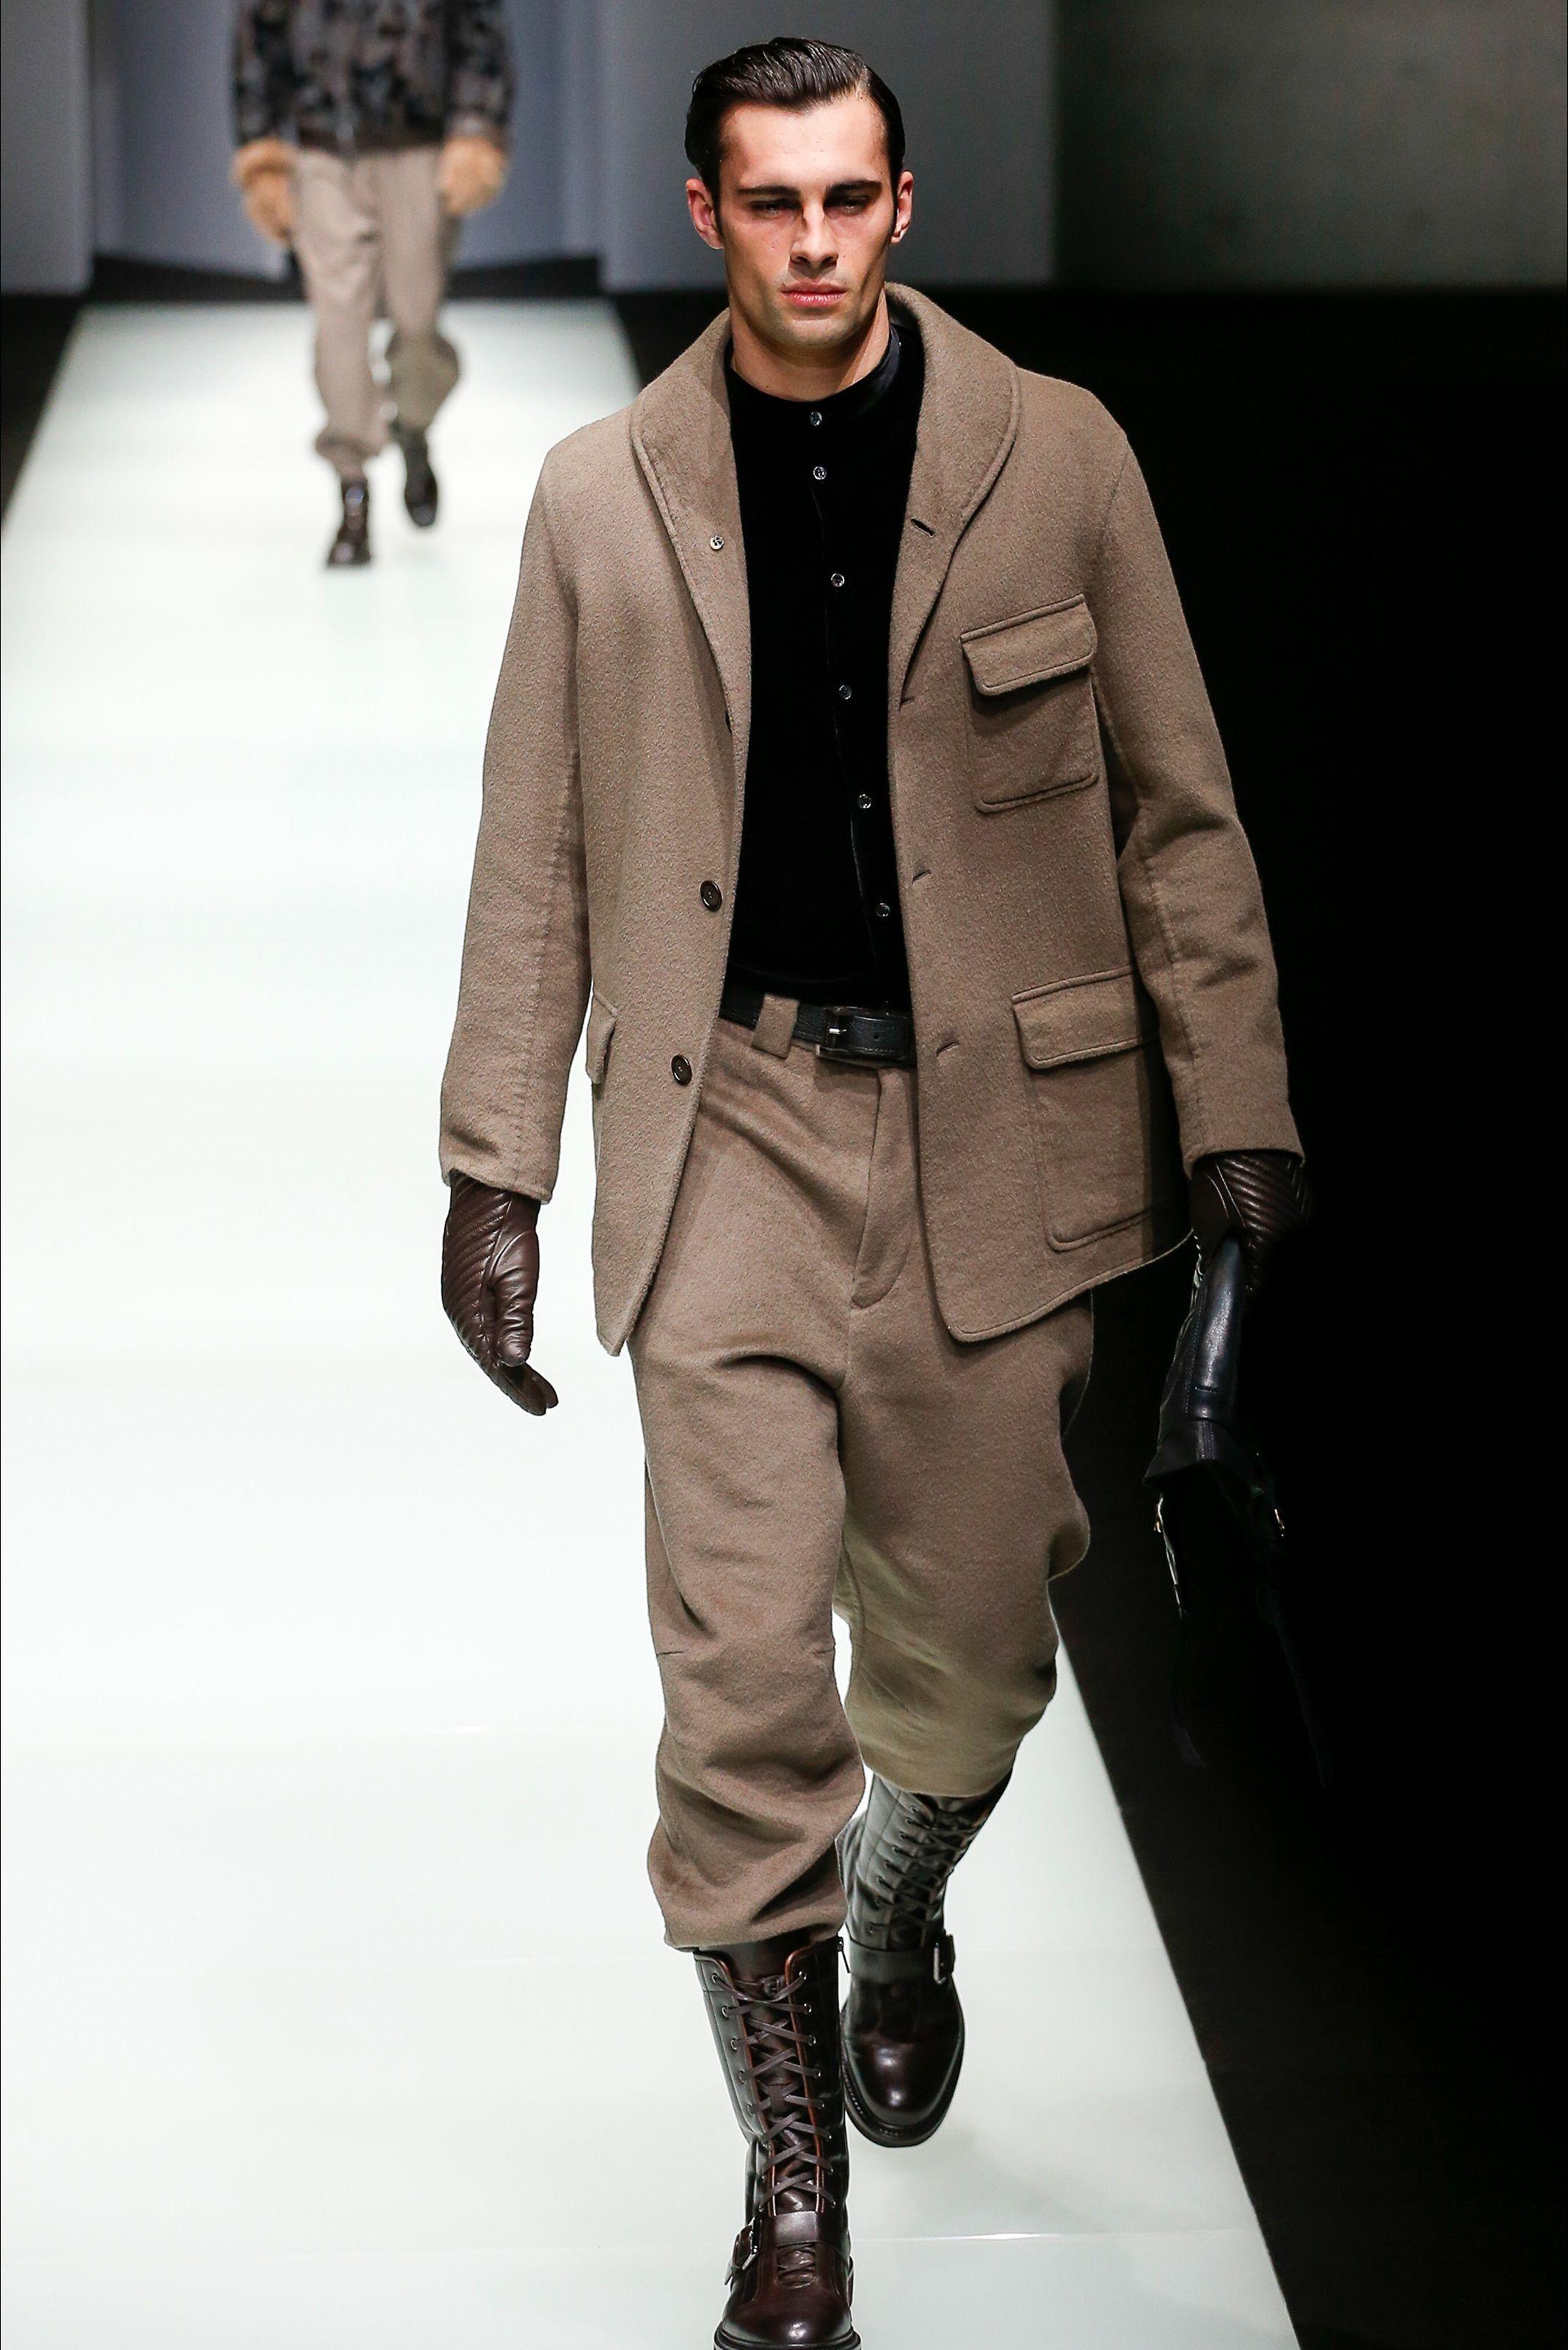 Sfilata Moda Uomo Giorgio Armani Milano - Autunno Inverno 2018-19 - Vogue 7e80fa3411d